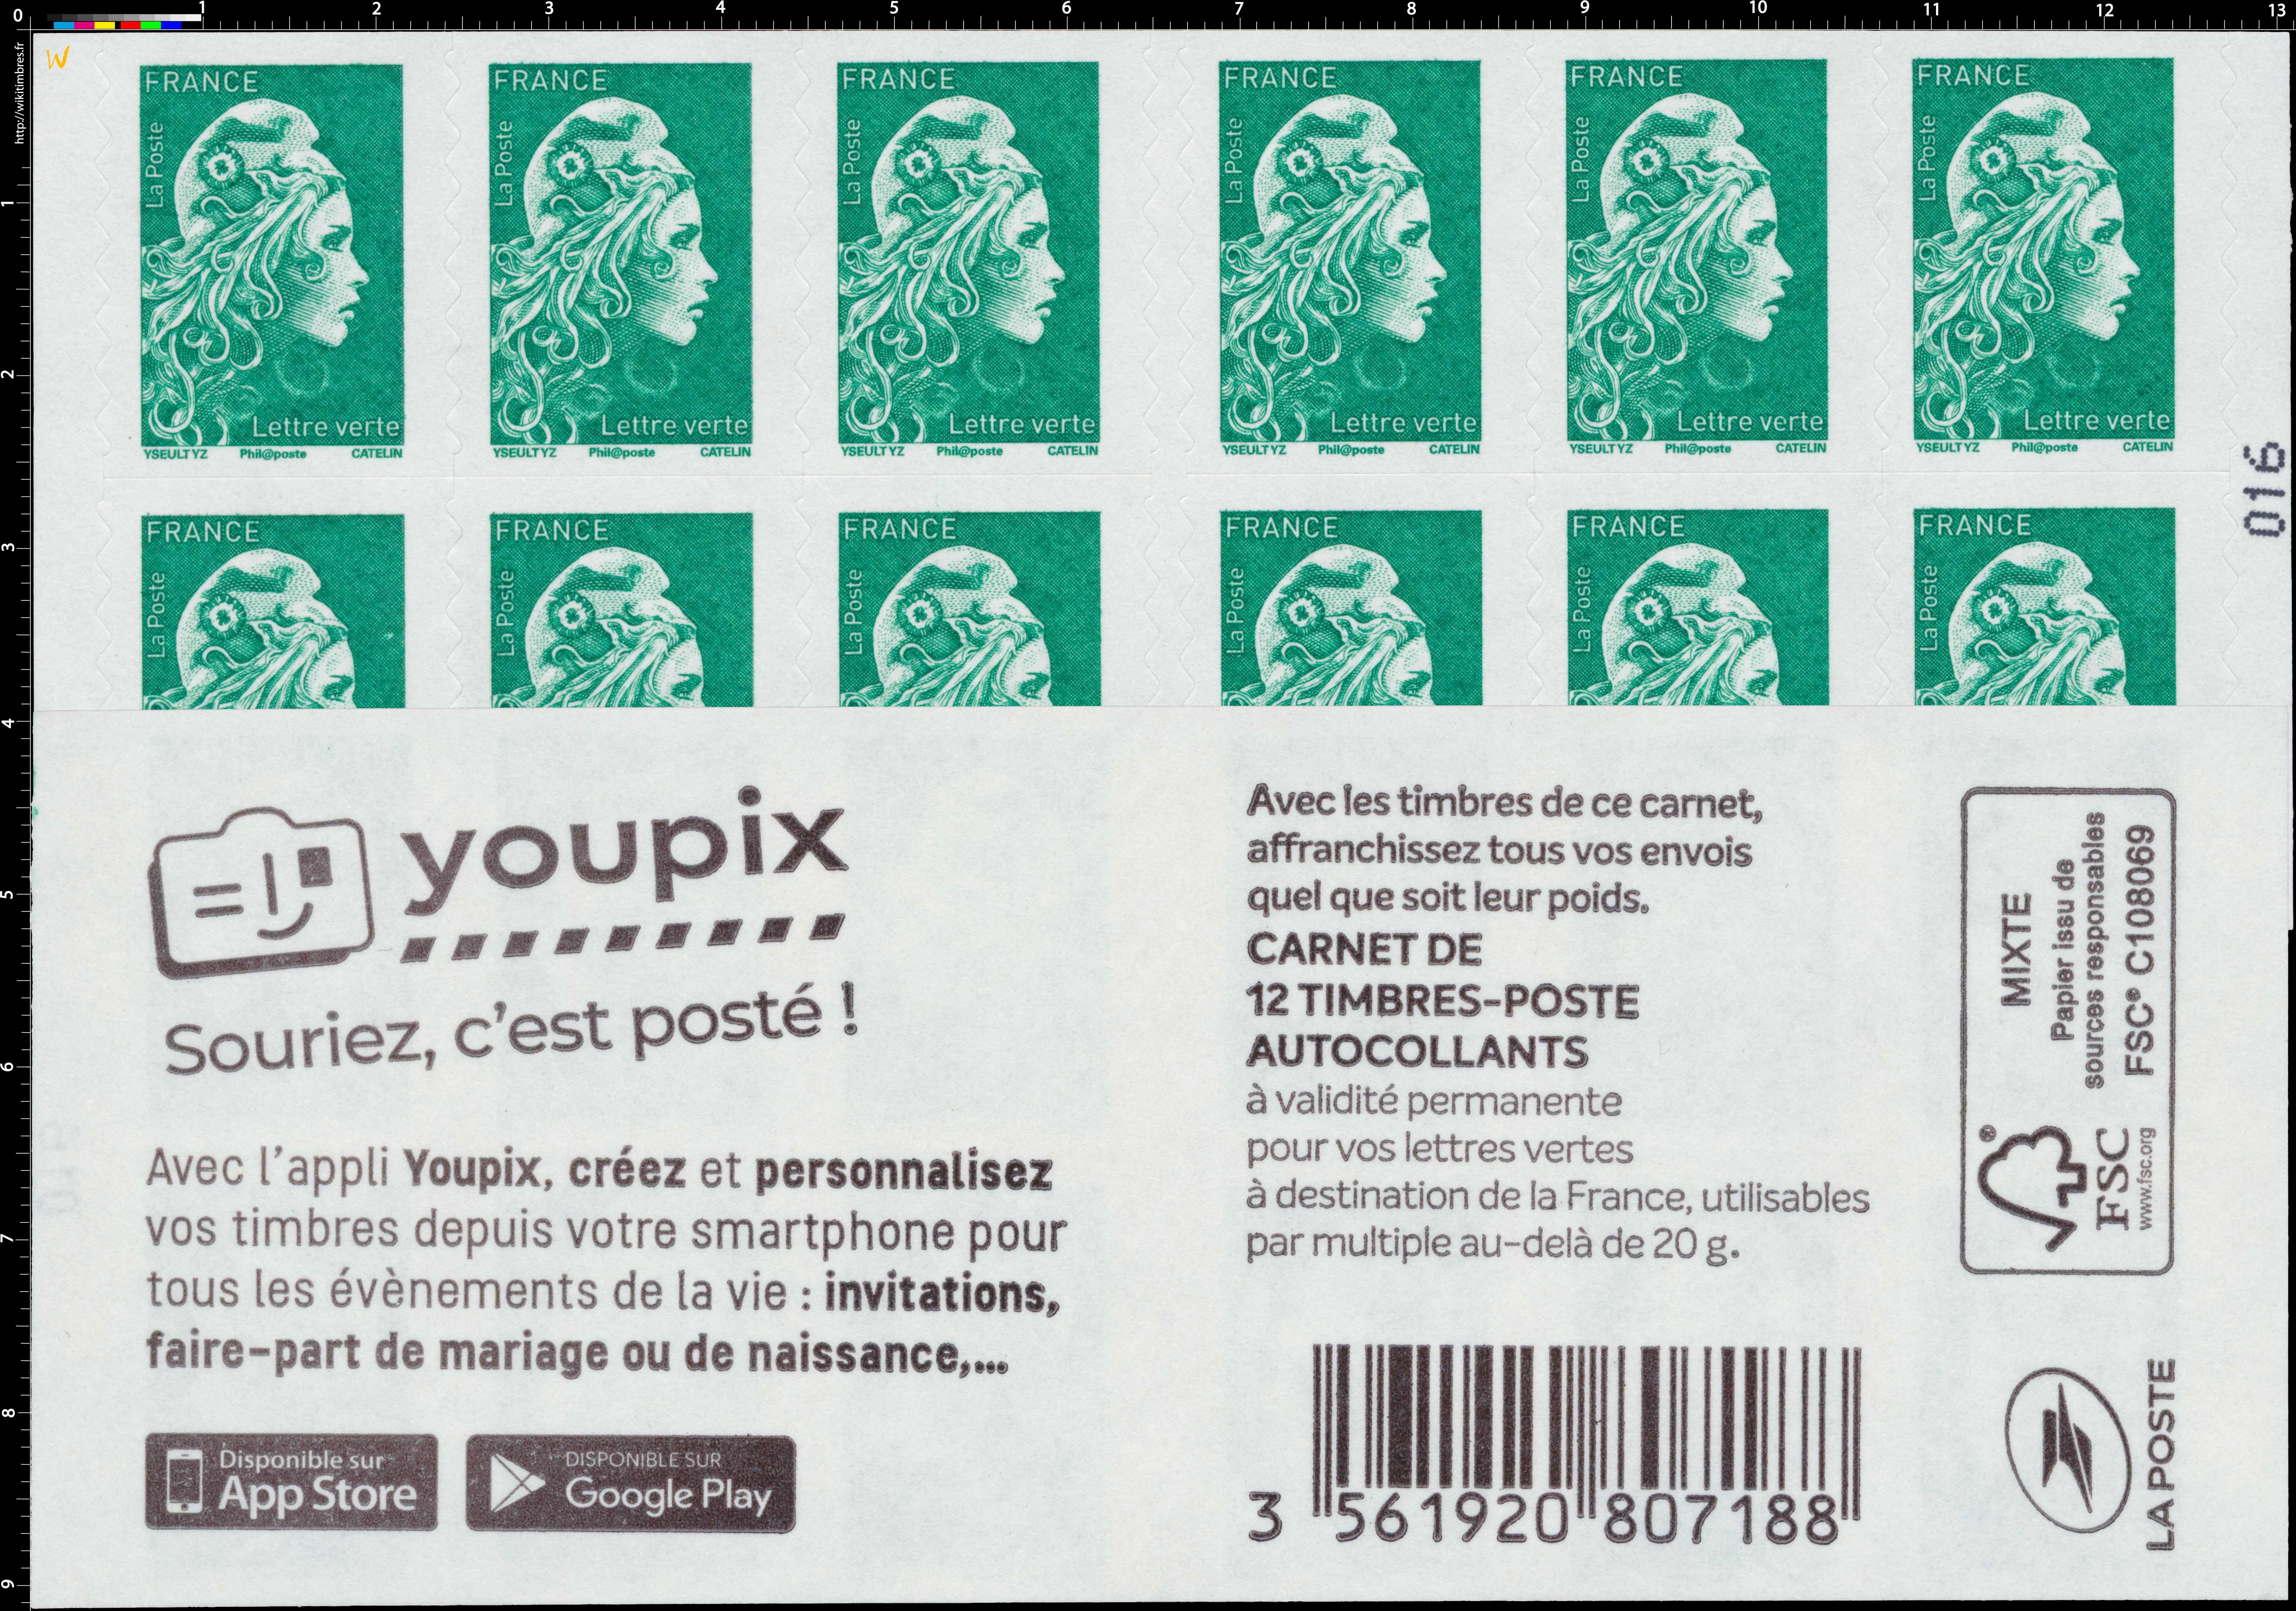 2019 Youpix - Souriez, c'est posté !